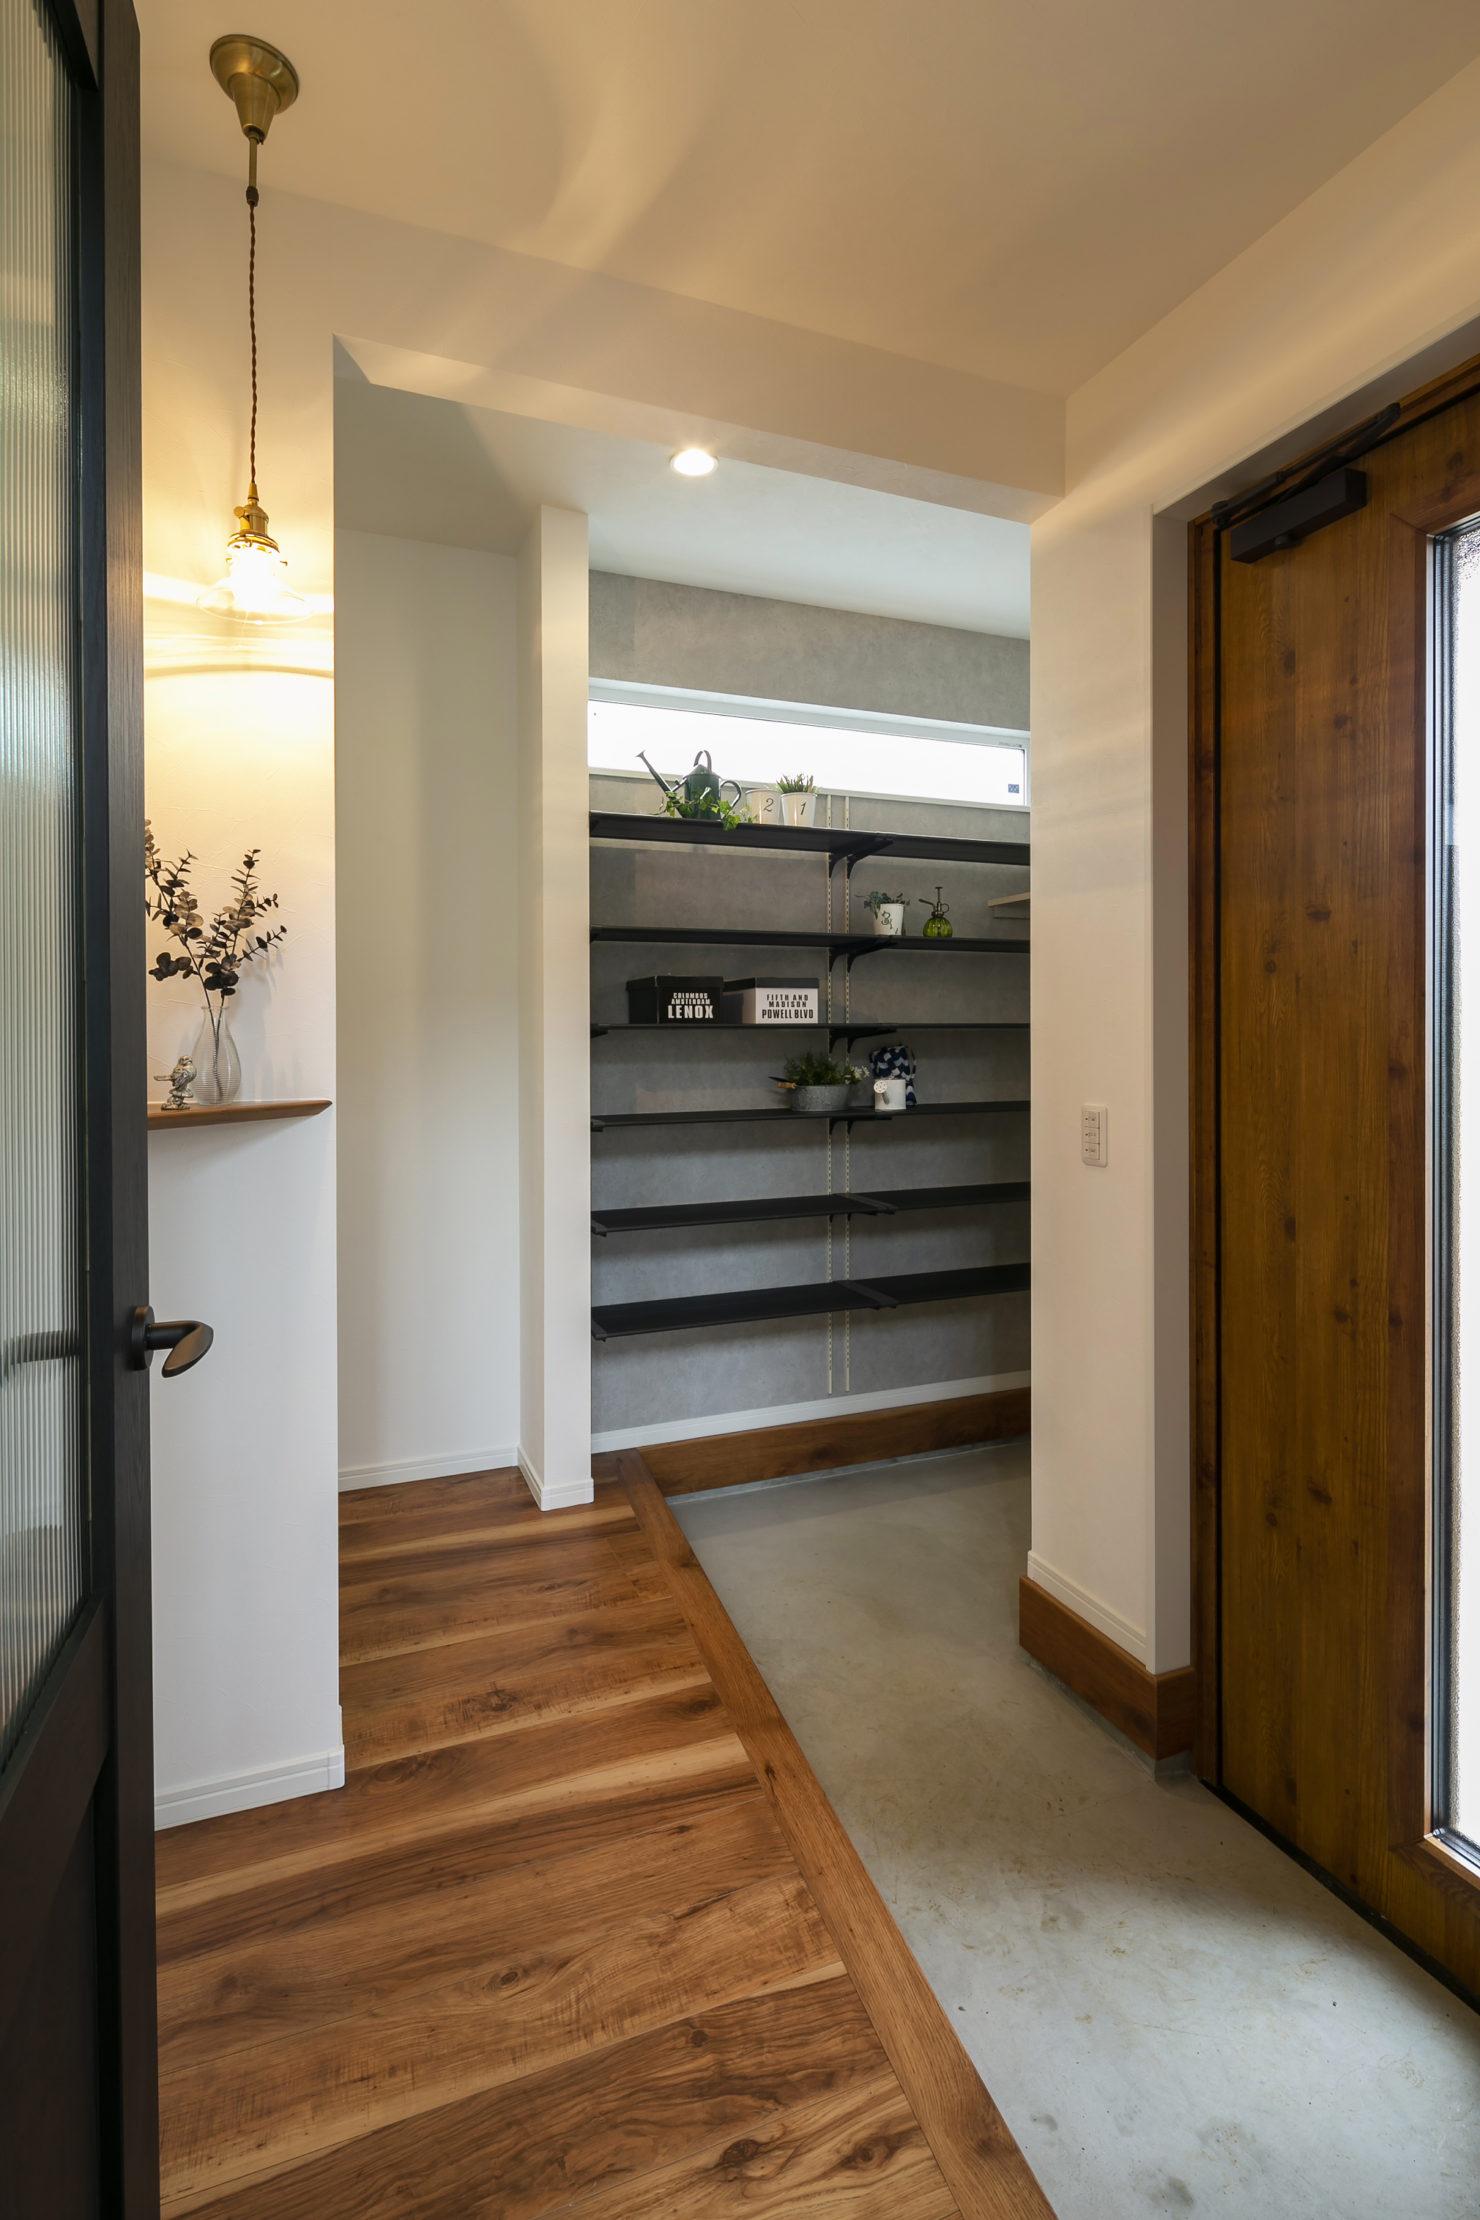 ハウスM21「実用的なオールラウンド動線と中二階などの面白い・楽しい空間」玄関写真